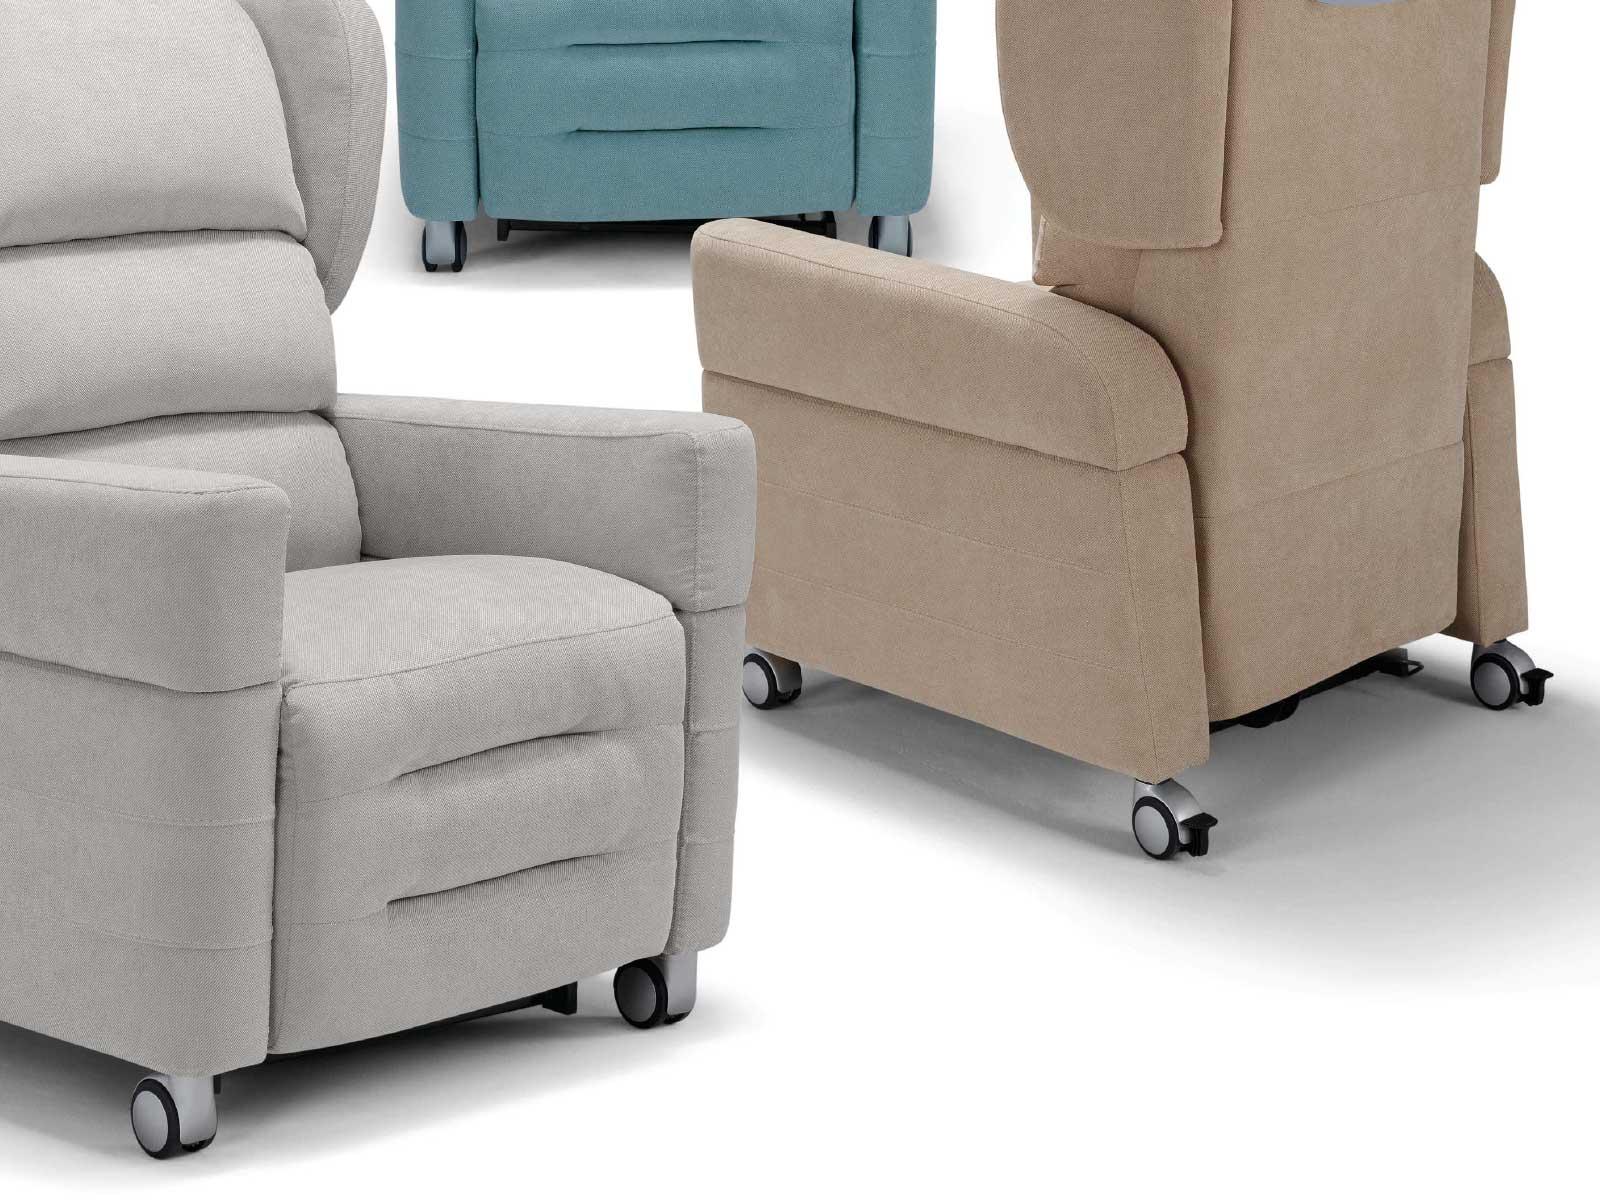 Poltrona Con Ruote.Poltrona Per Disabili Con Ruote Elevabile A 4 Motori